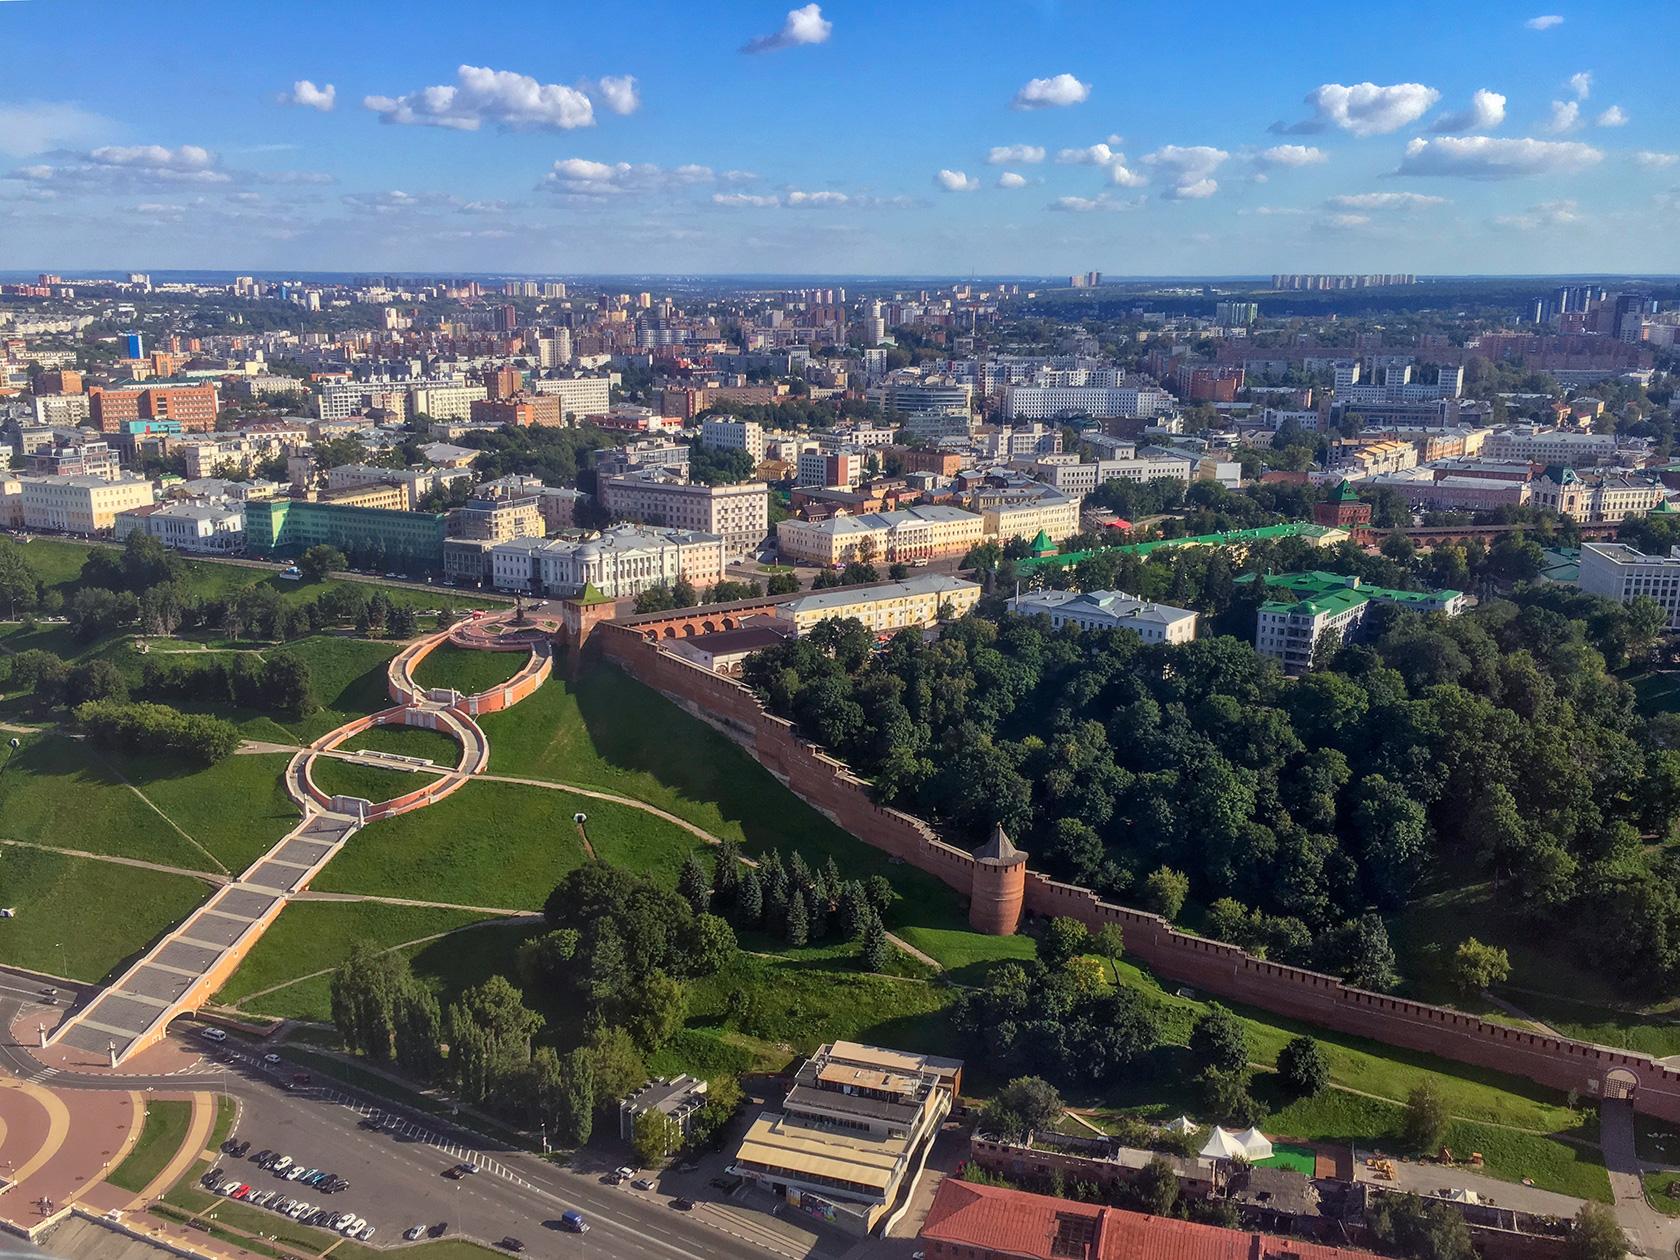 Авторский интернет-проект «История Нижегородская» стартовал в преддверии 800-летия Нижнего Новгорода